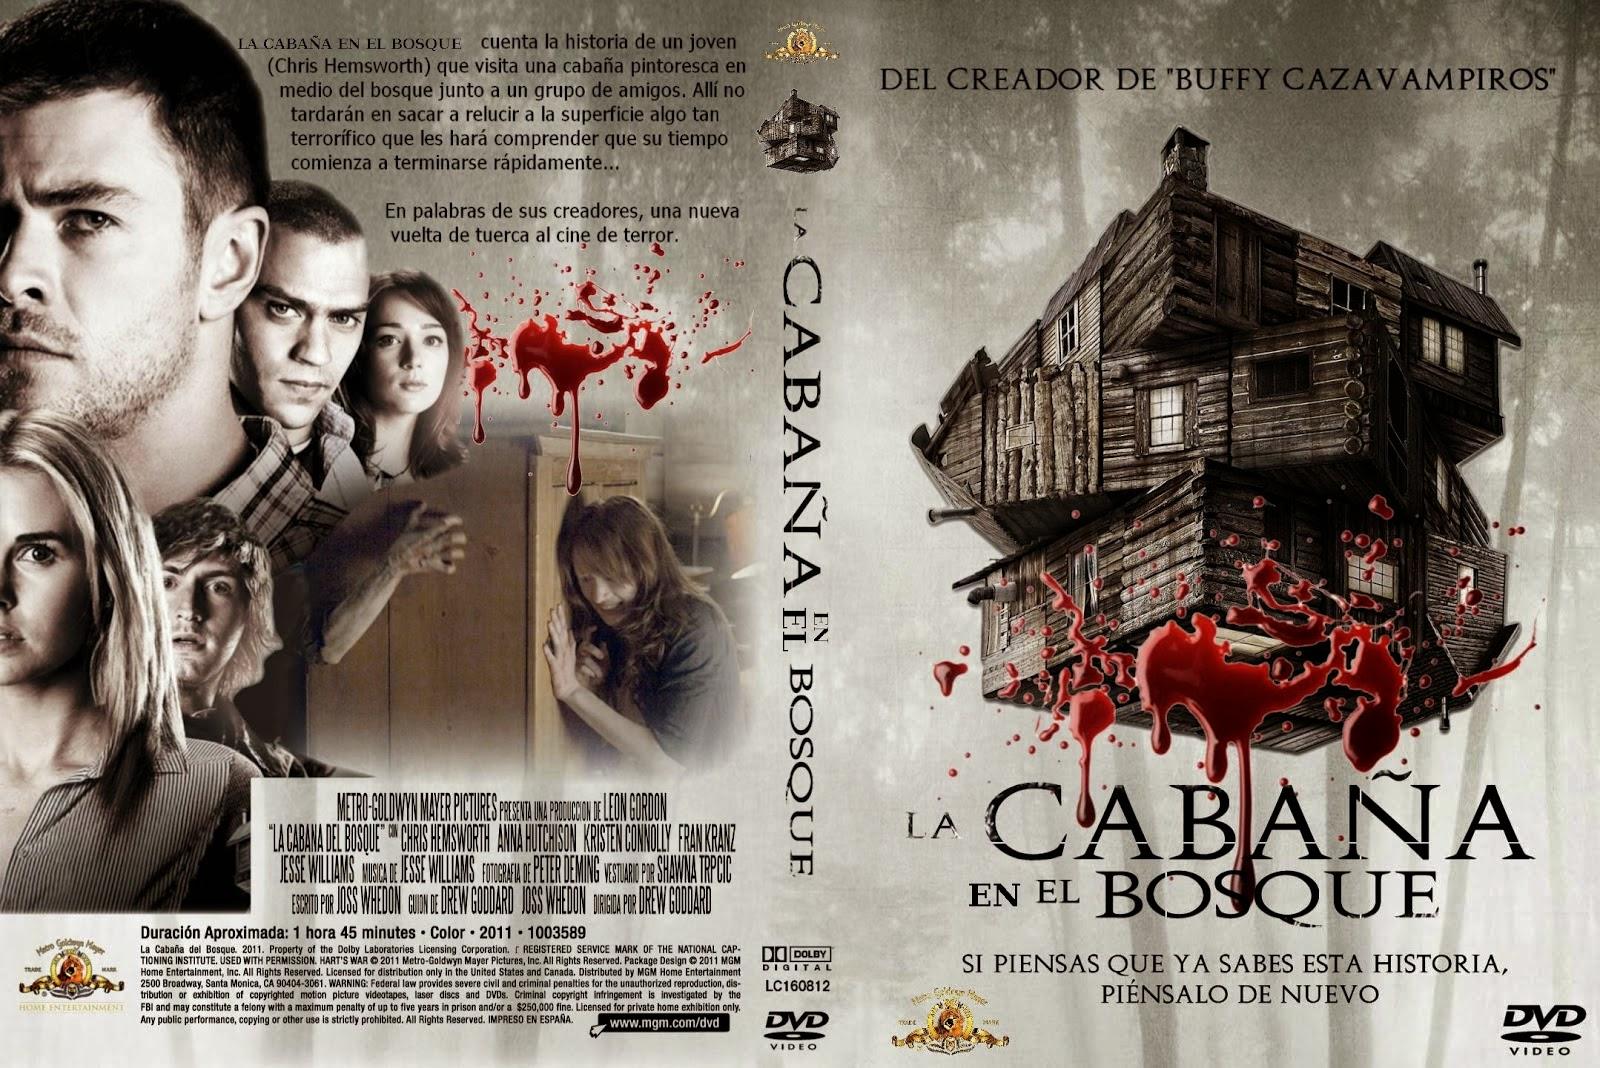 La Cabaña En El Bosque DVD